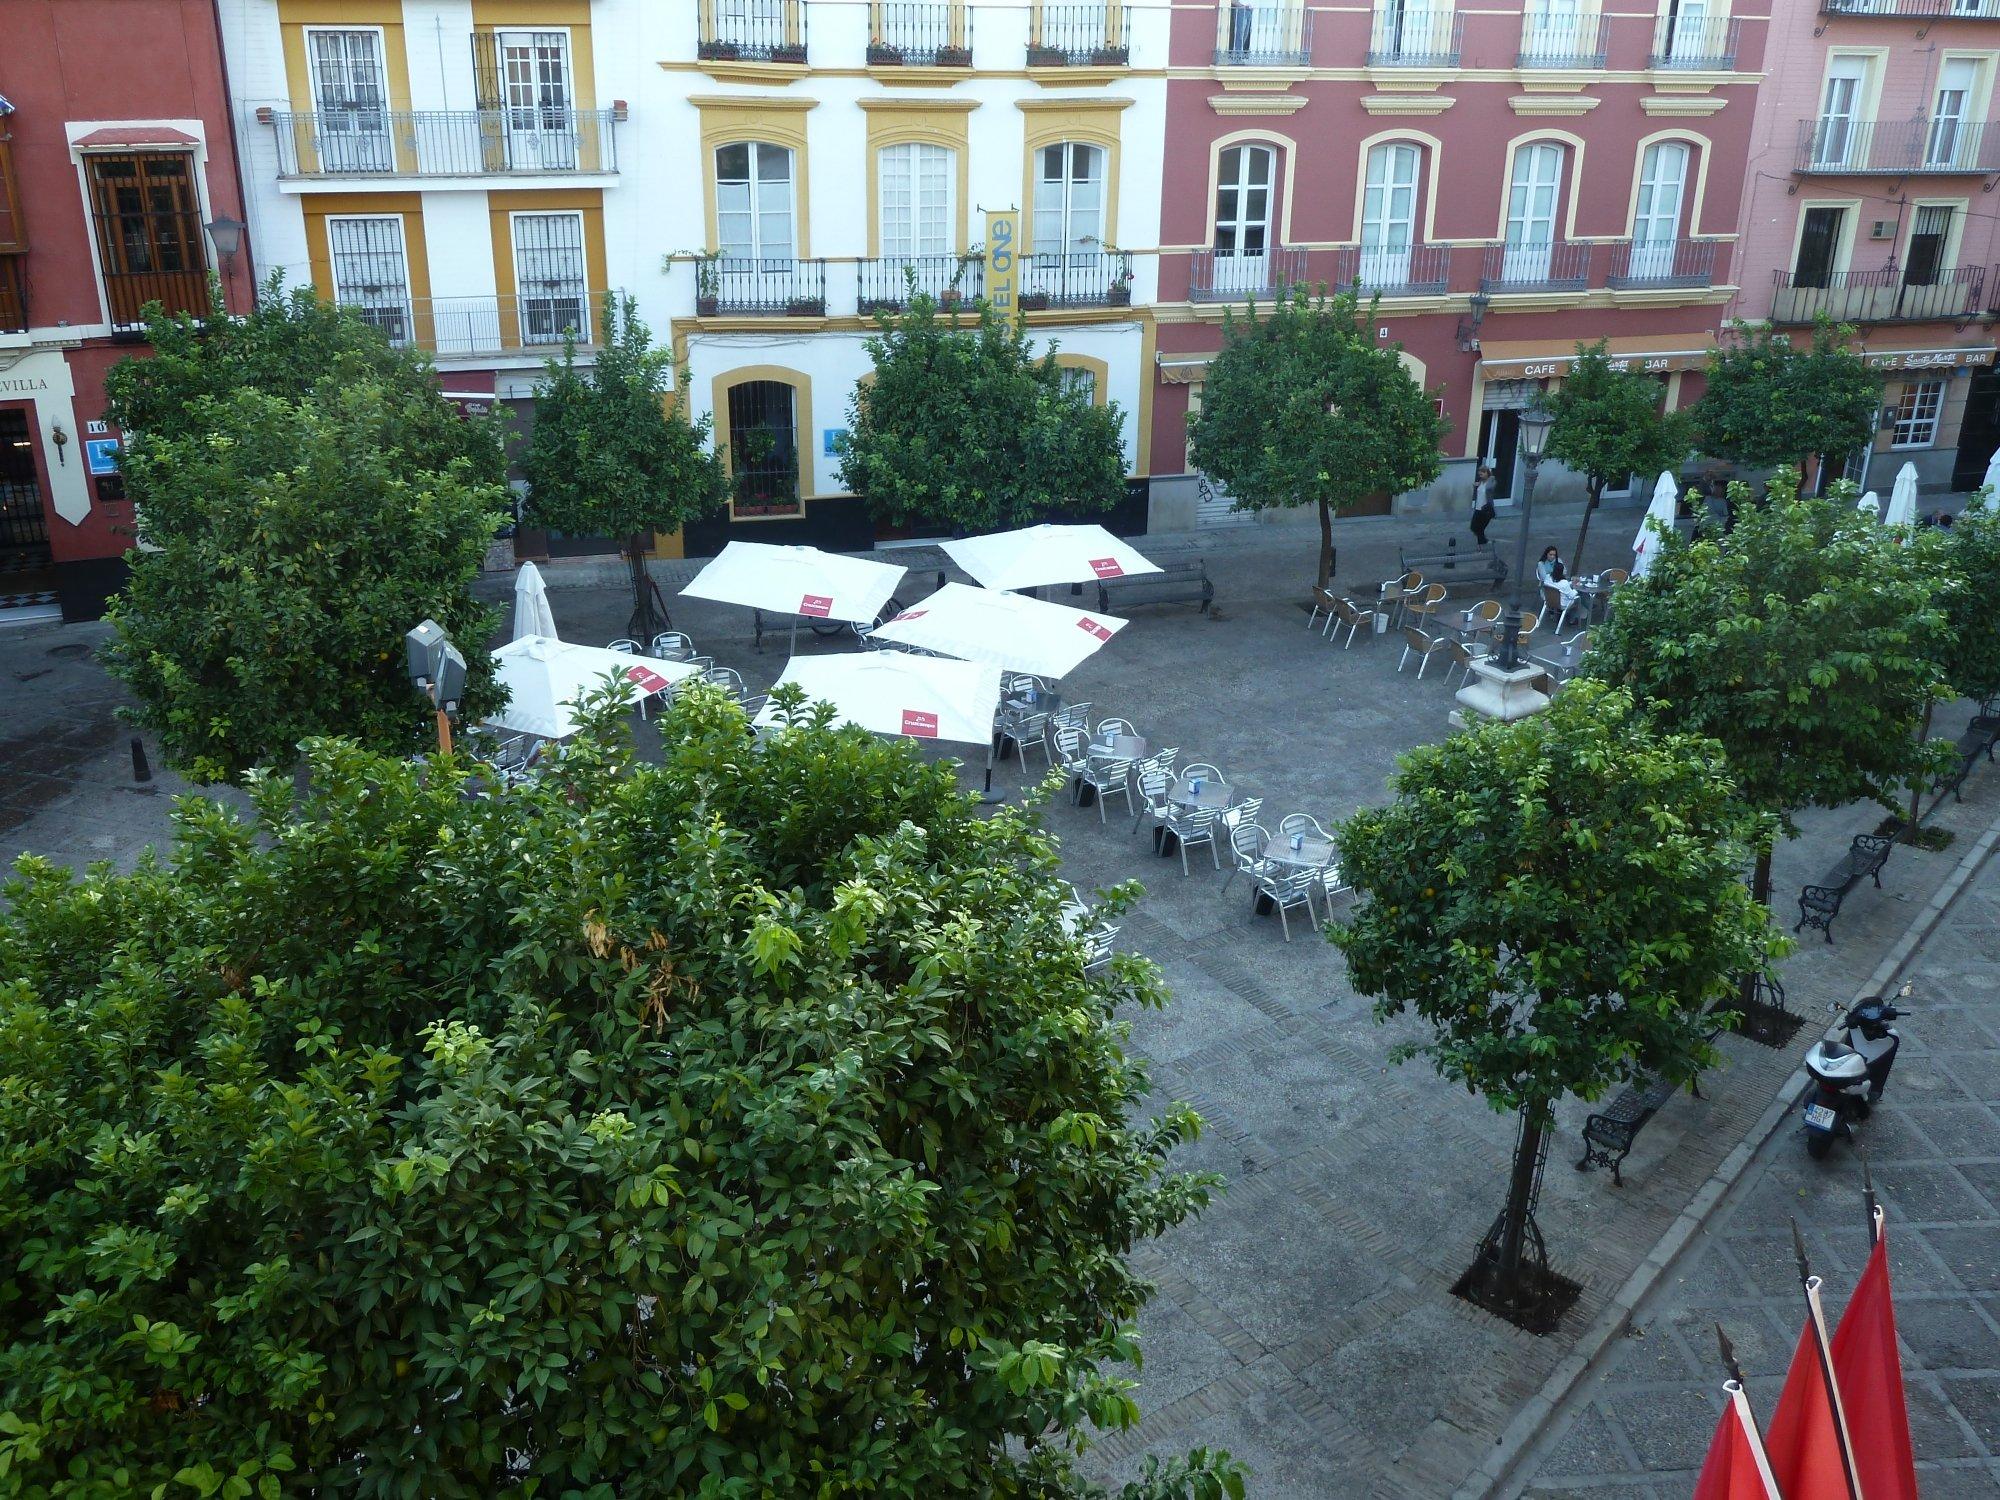 Casona de San Andres Hotel